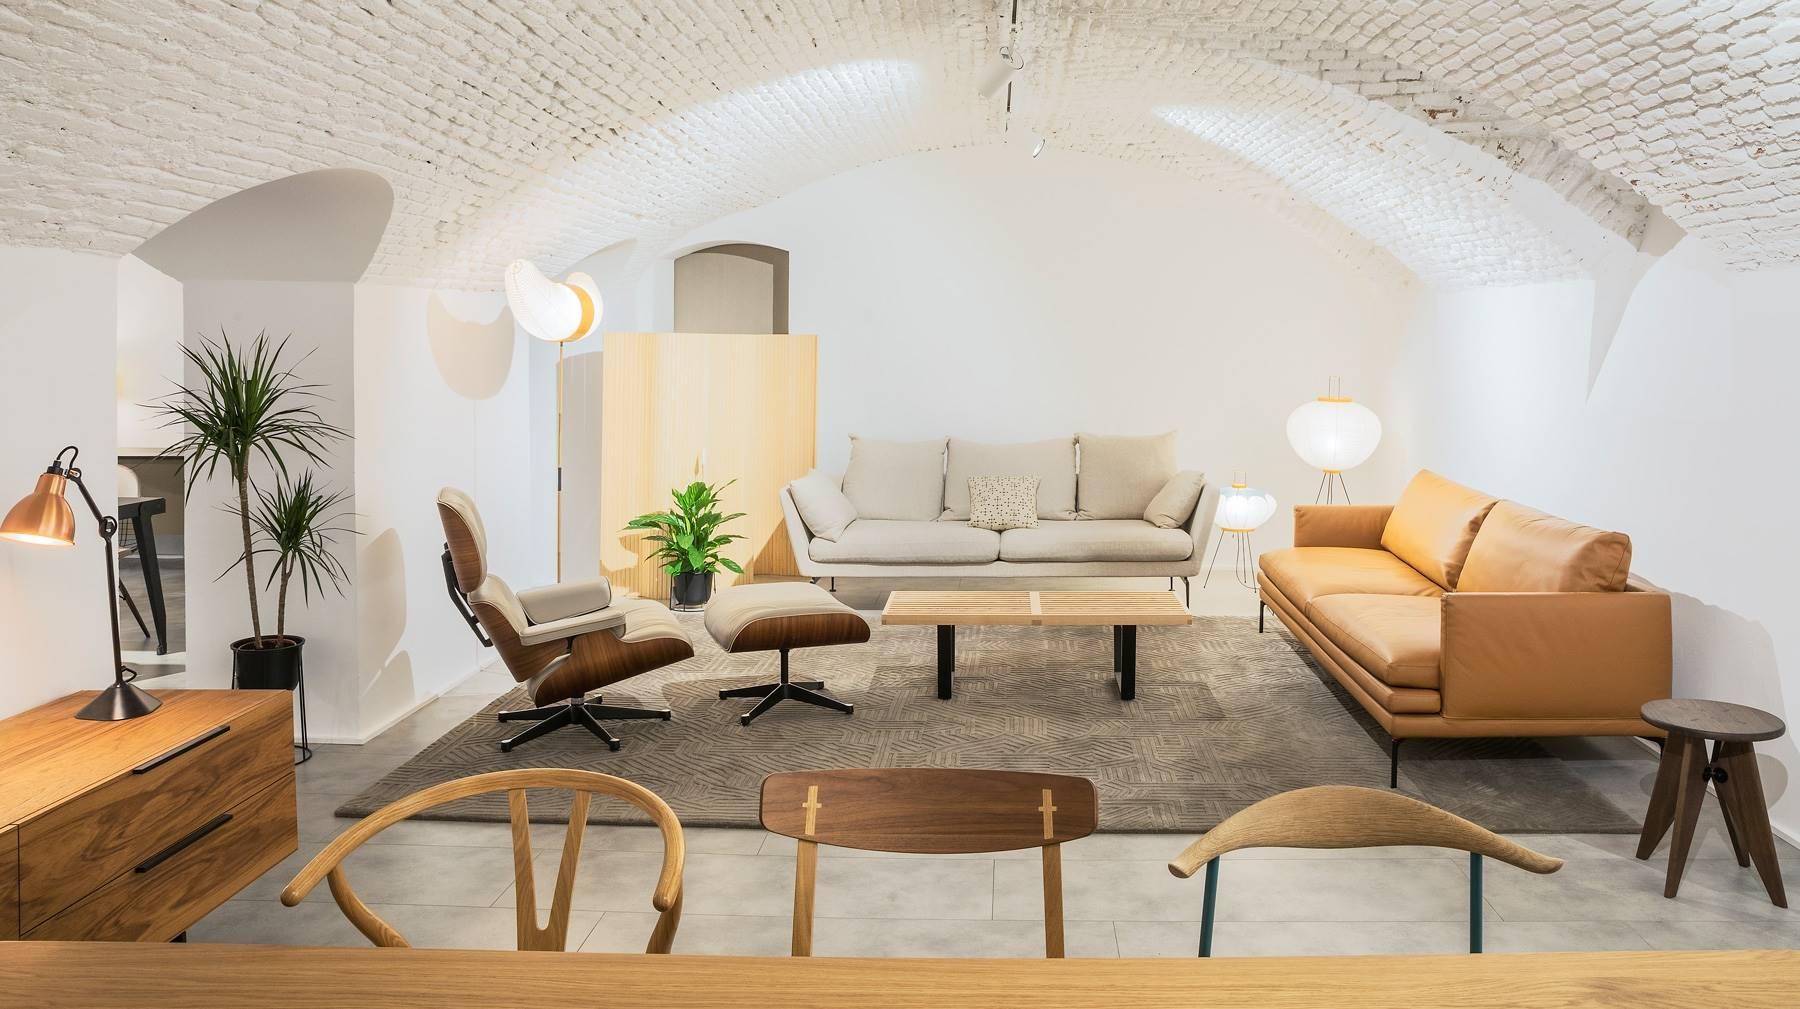 DomesticoShop Madrid abre sus puertas con Castiglioni